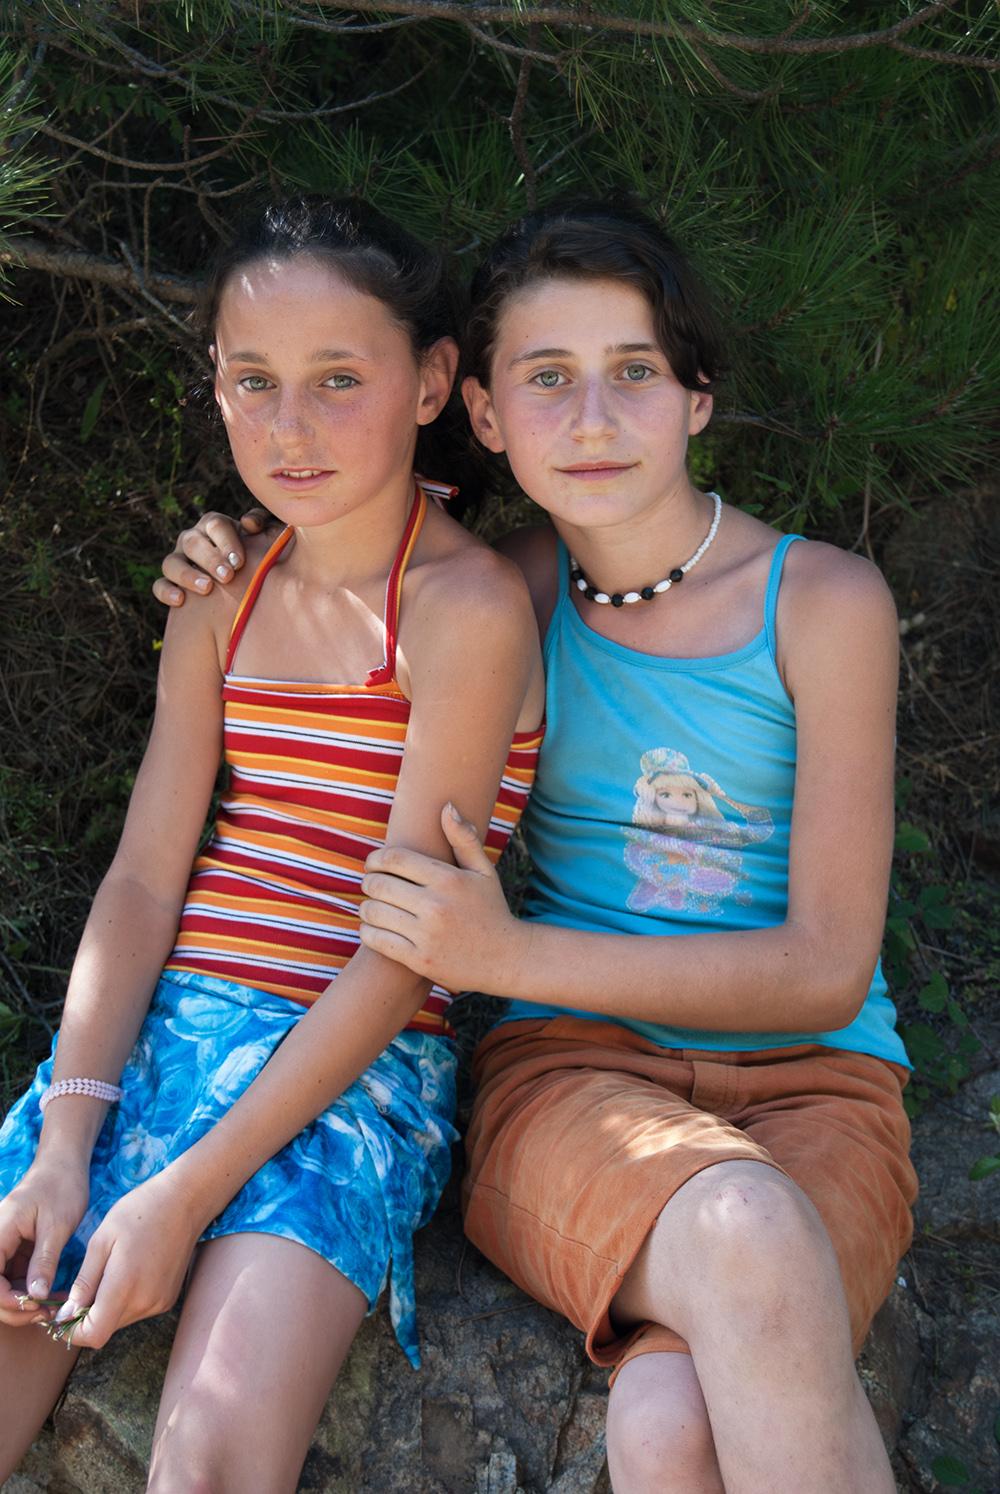 Portrait of two Girls, Orosh Mirditë, © alketa misja photography 2008